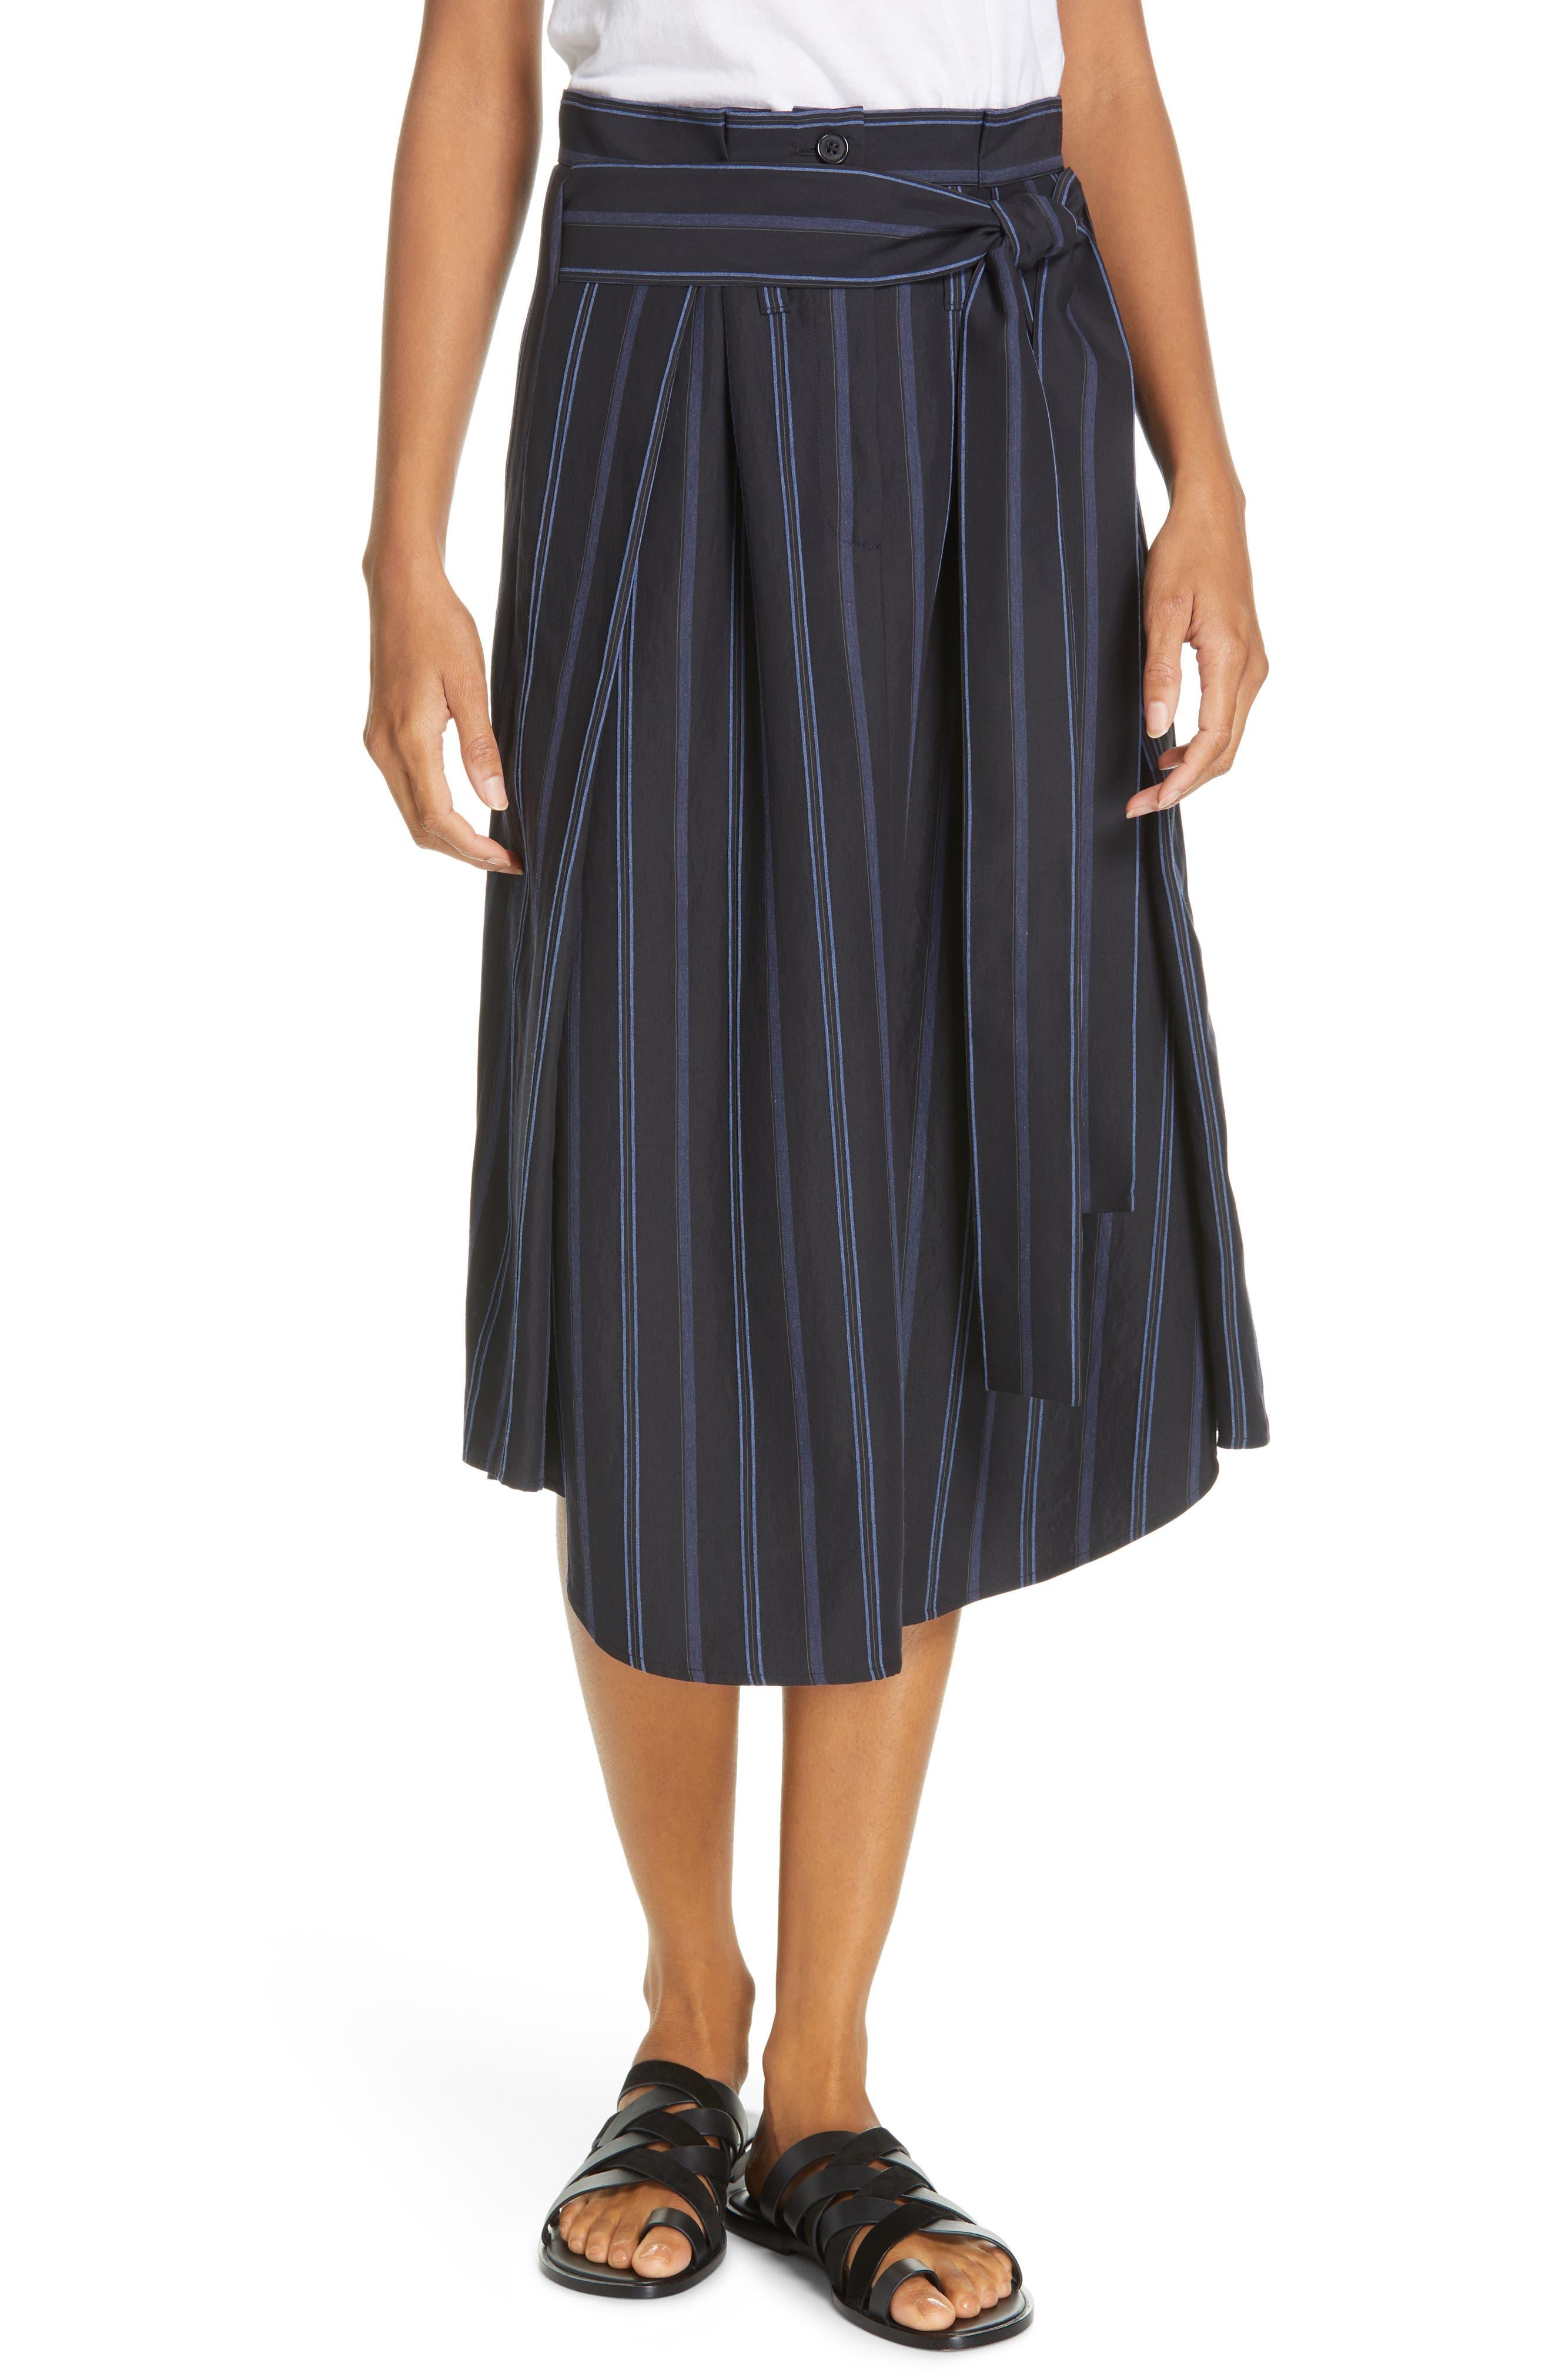 VINCE, Dobby Stripe Belted Skirt, Main thumbnail 1, color, INDIGO